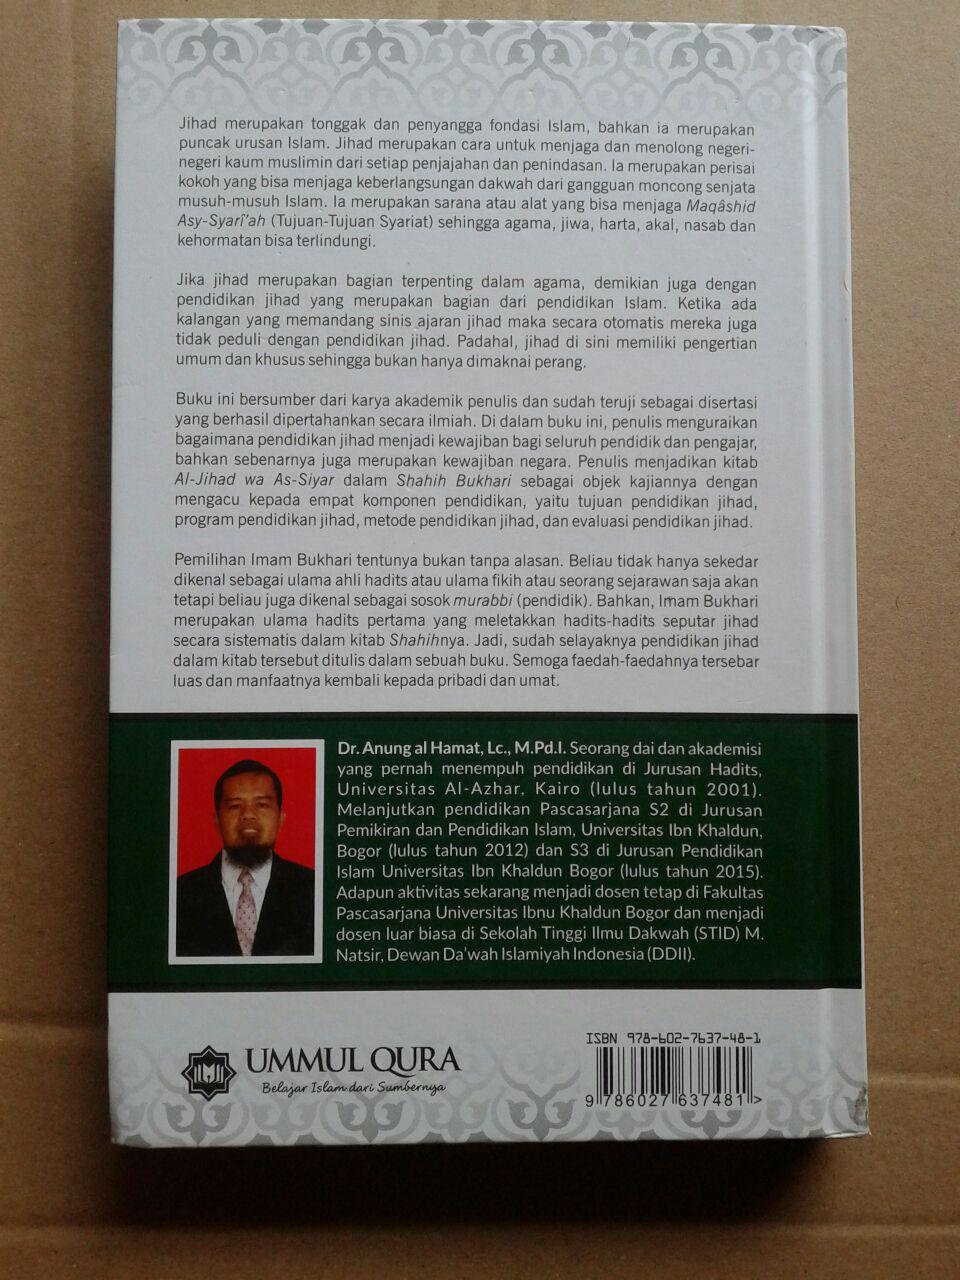 Buku Tarbiyah Jihadiyah Imam Bukhari cover 2